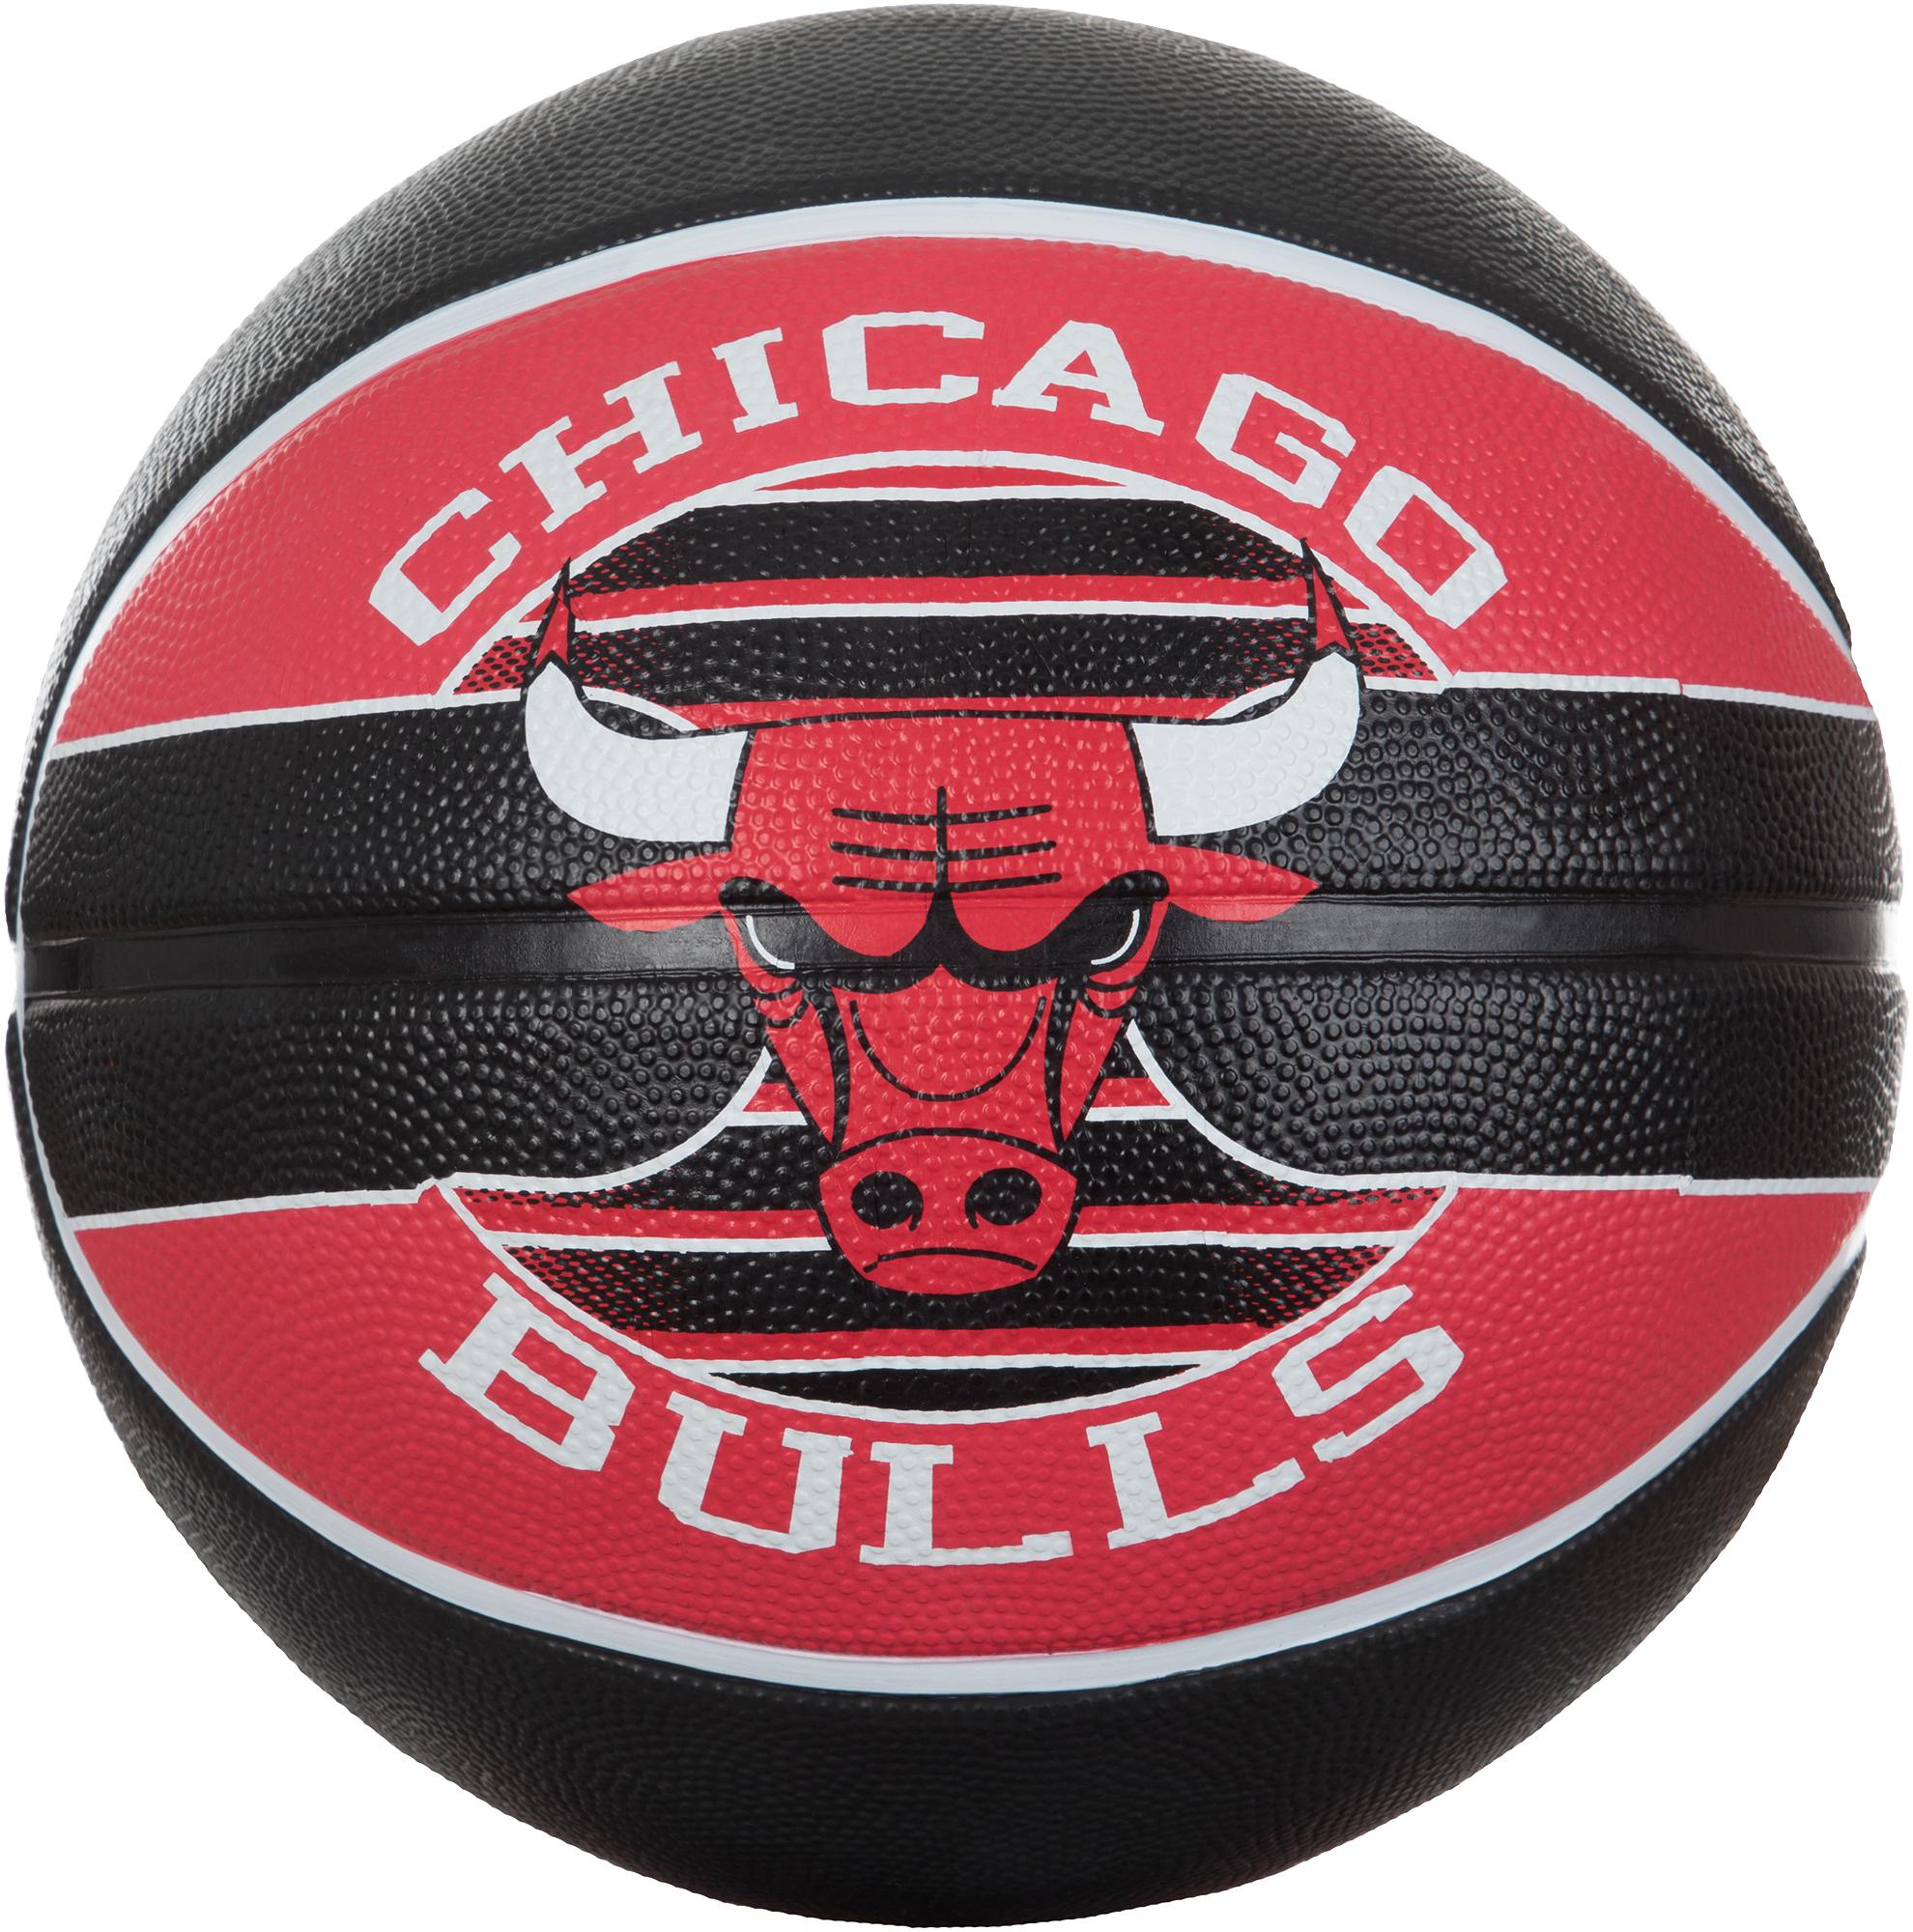 Spalding Мяч баскетбольный Spalding Chicago Bulls, размер 7 стоимость